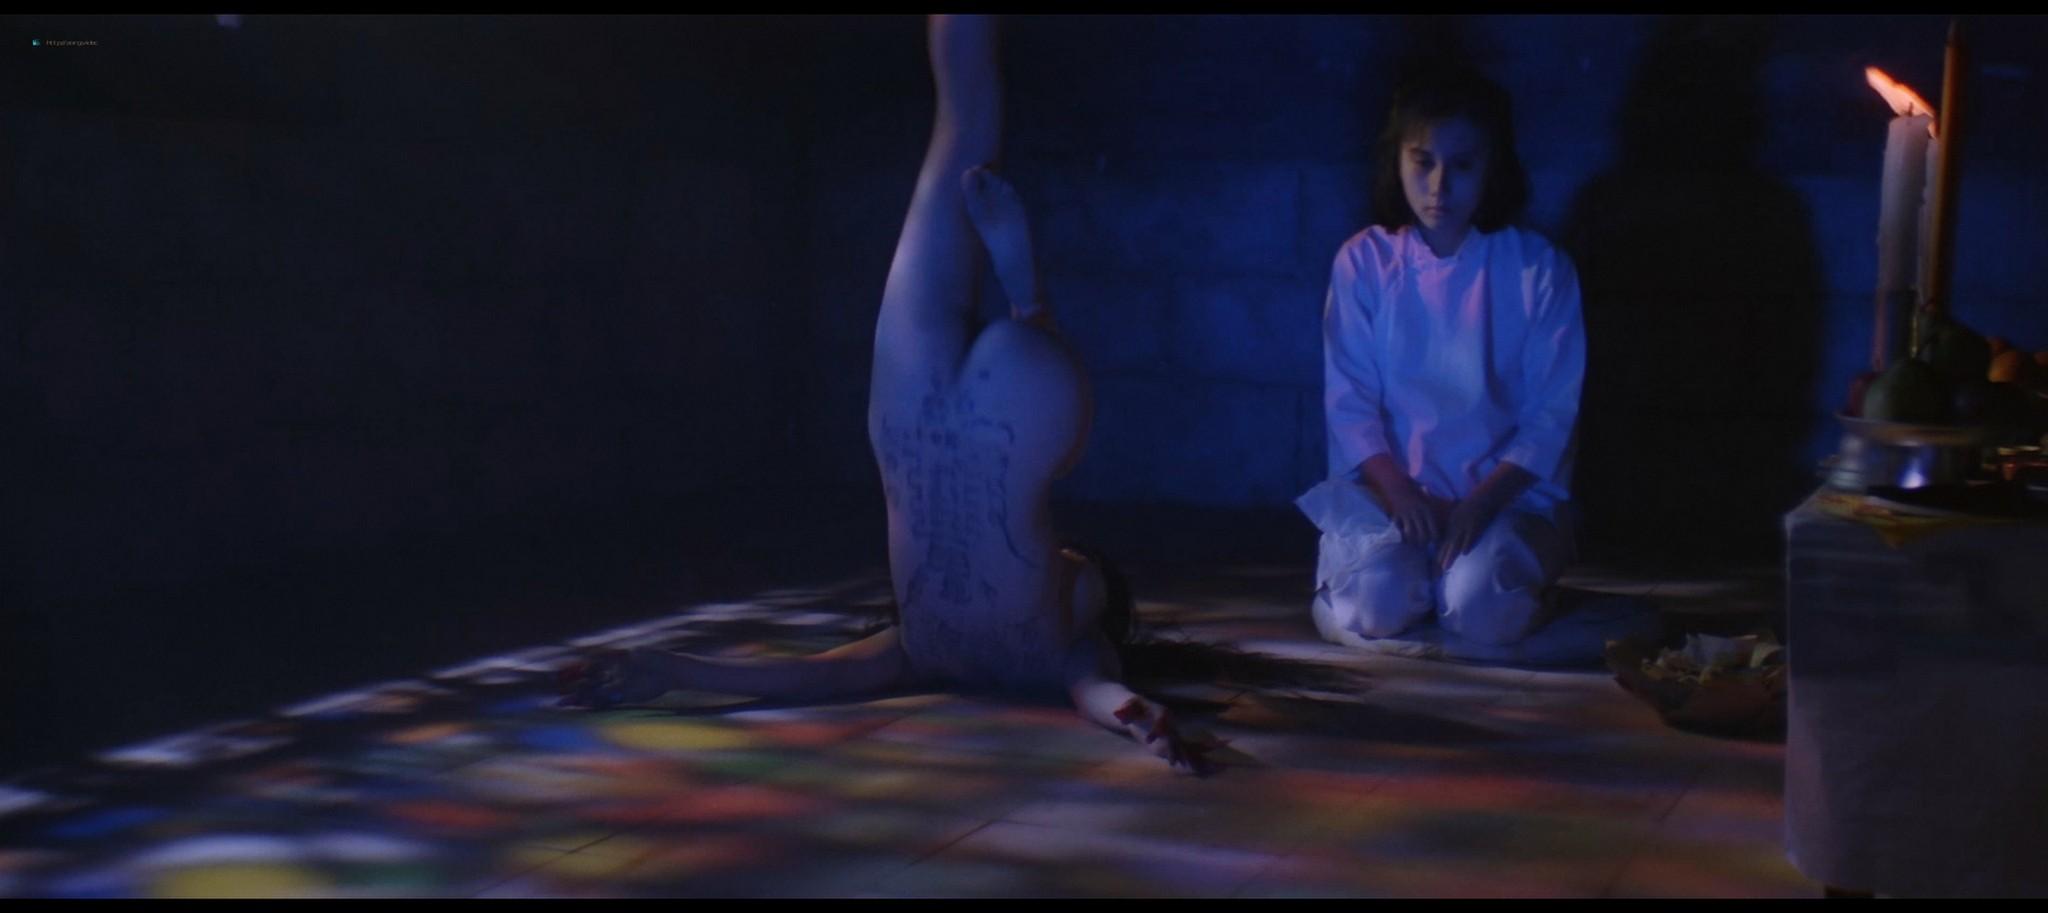 Tanny Tien Ni nude full frontal Szu Chia Chen nude Hex 1980 1080p BluRay 11